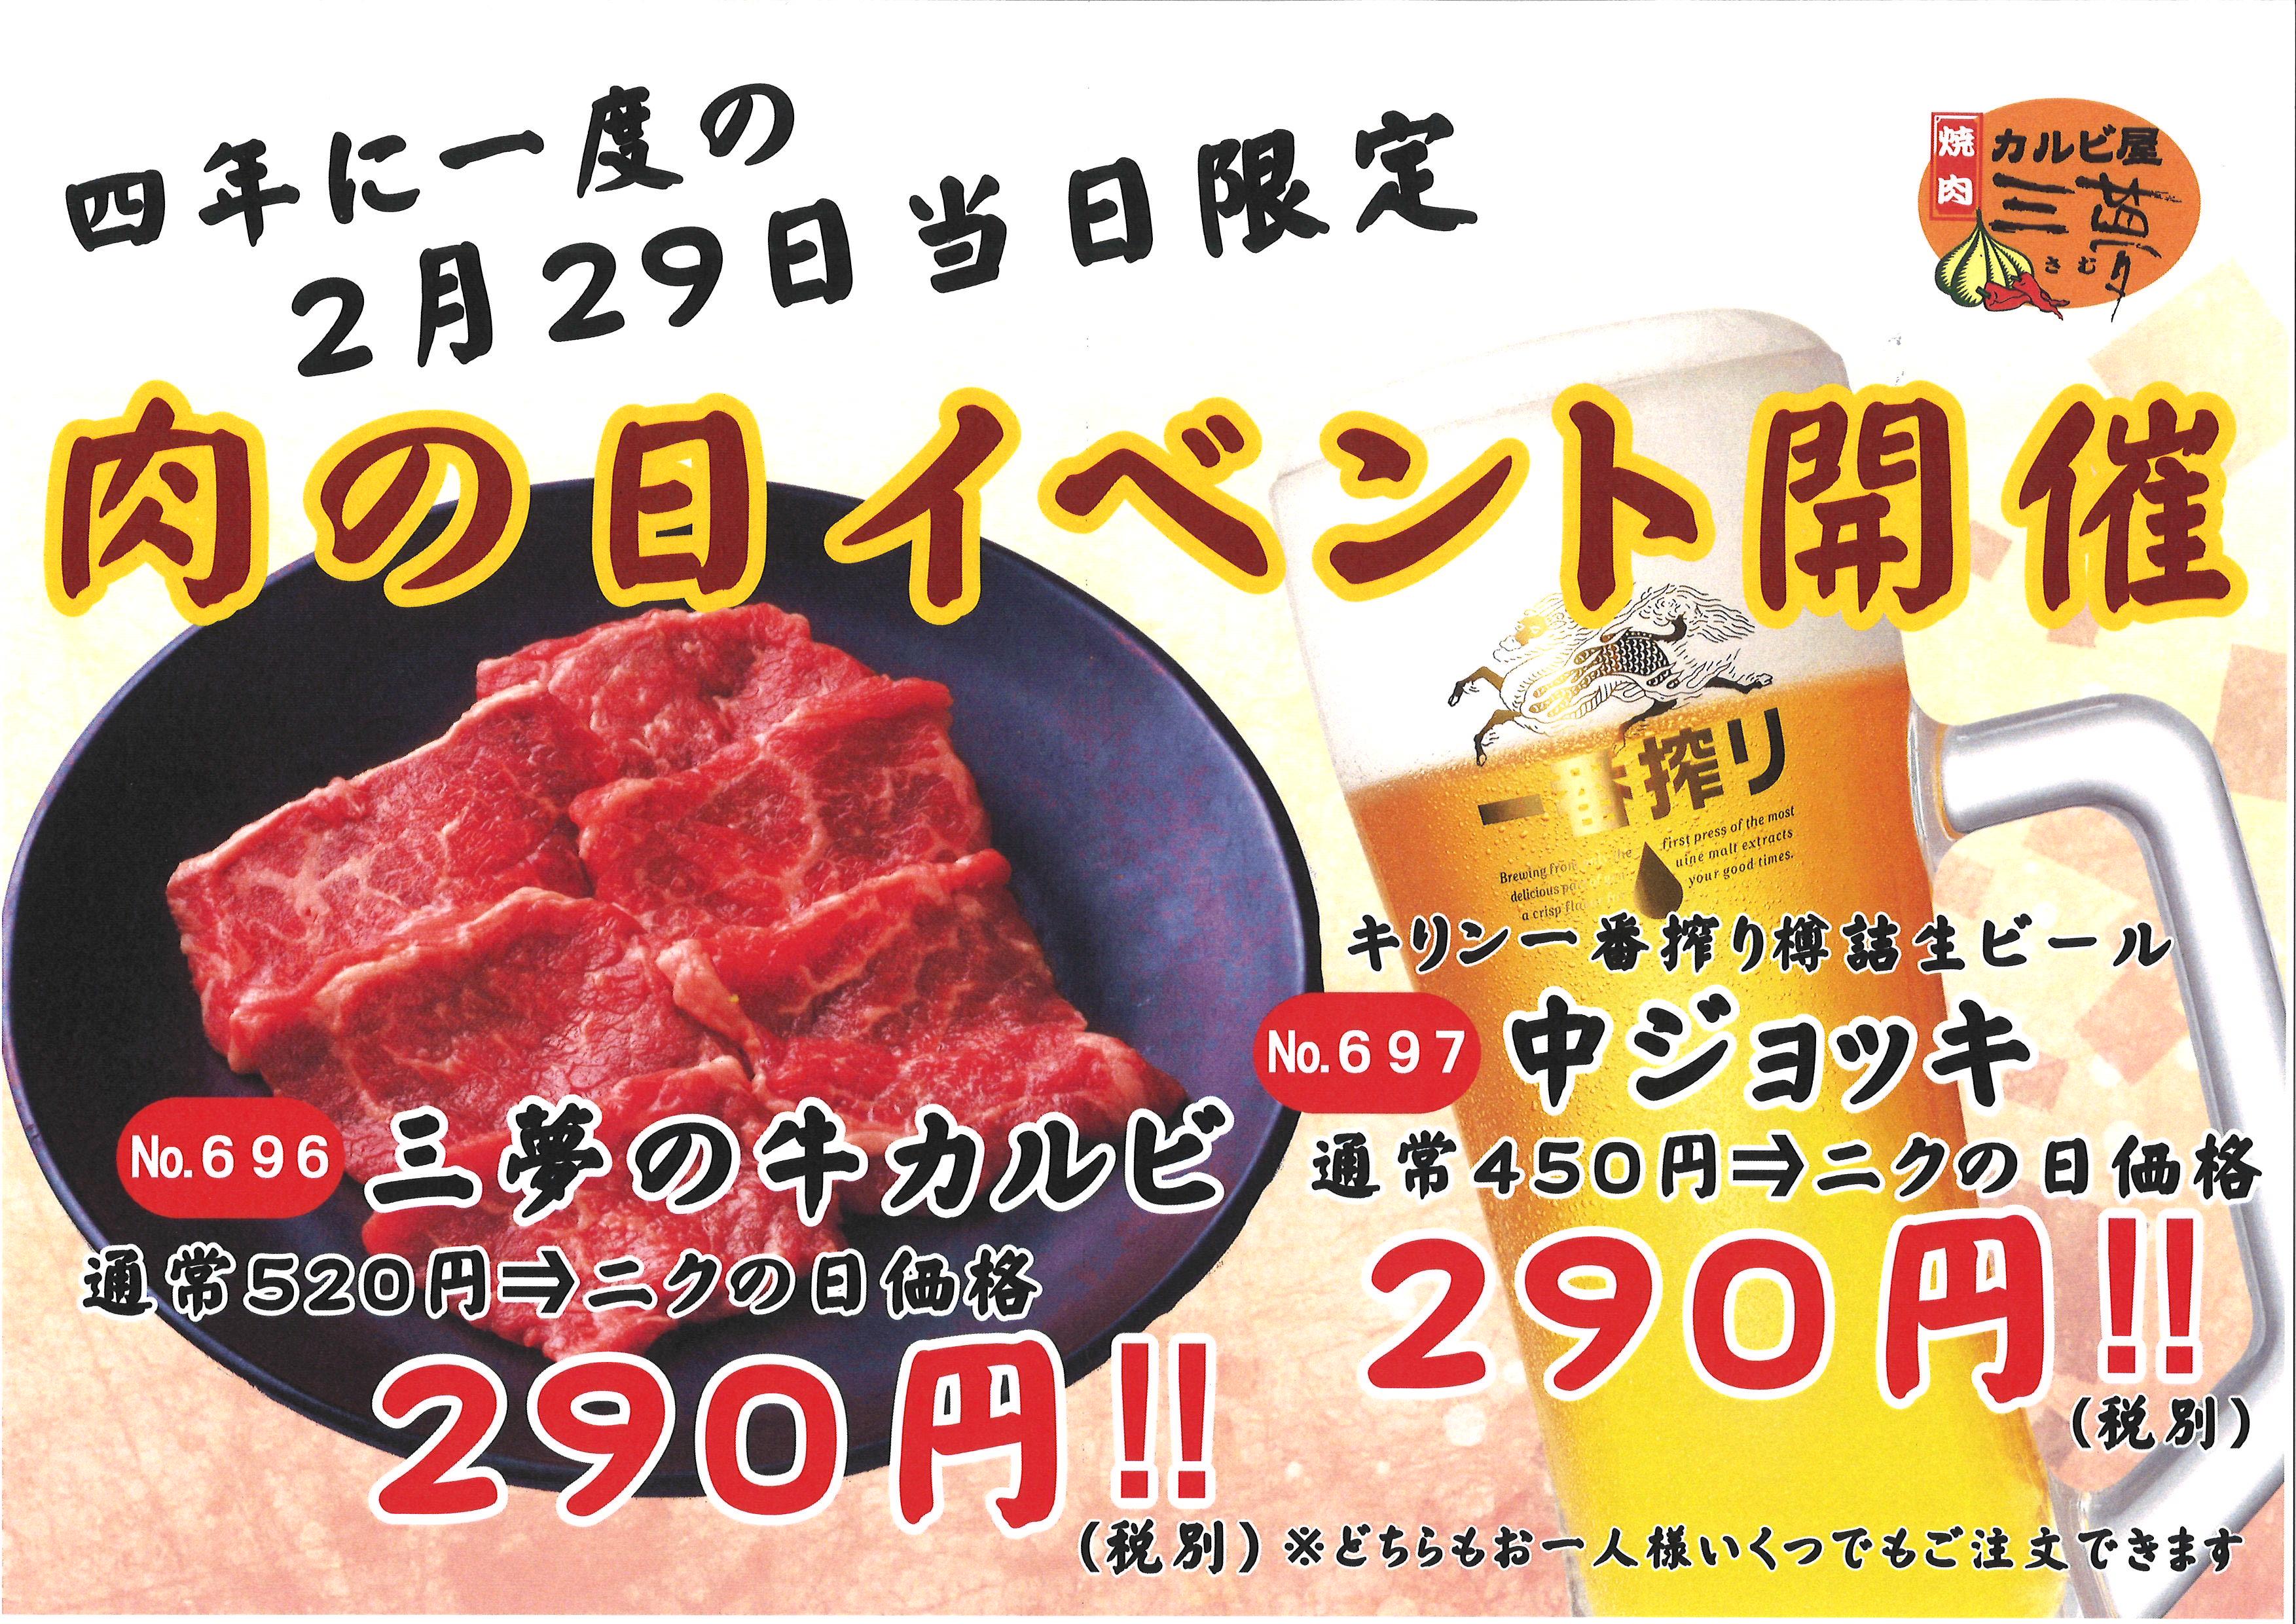 カルビ屋三夢の肉の日!!! 2月29日スペシャル企画です!!!